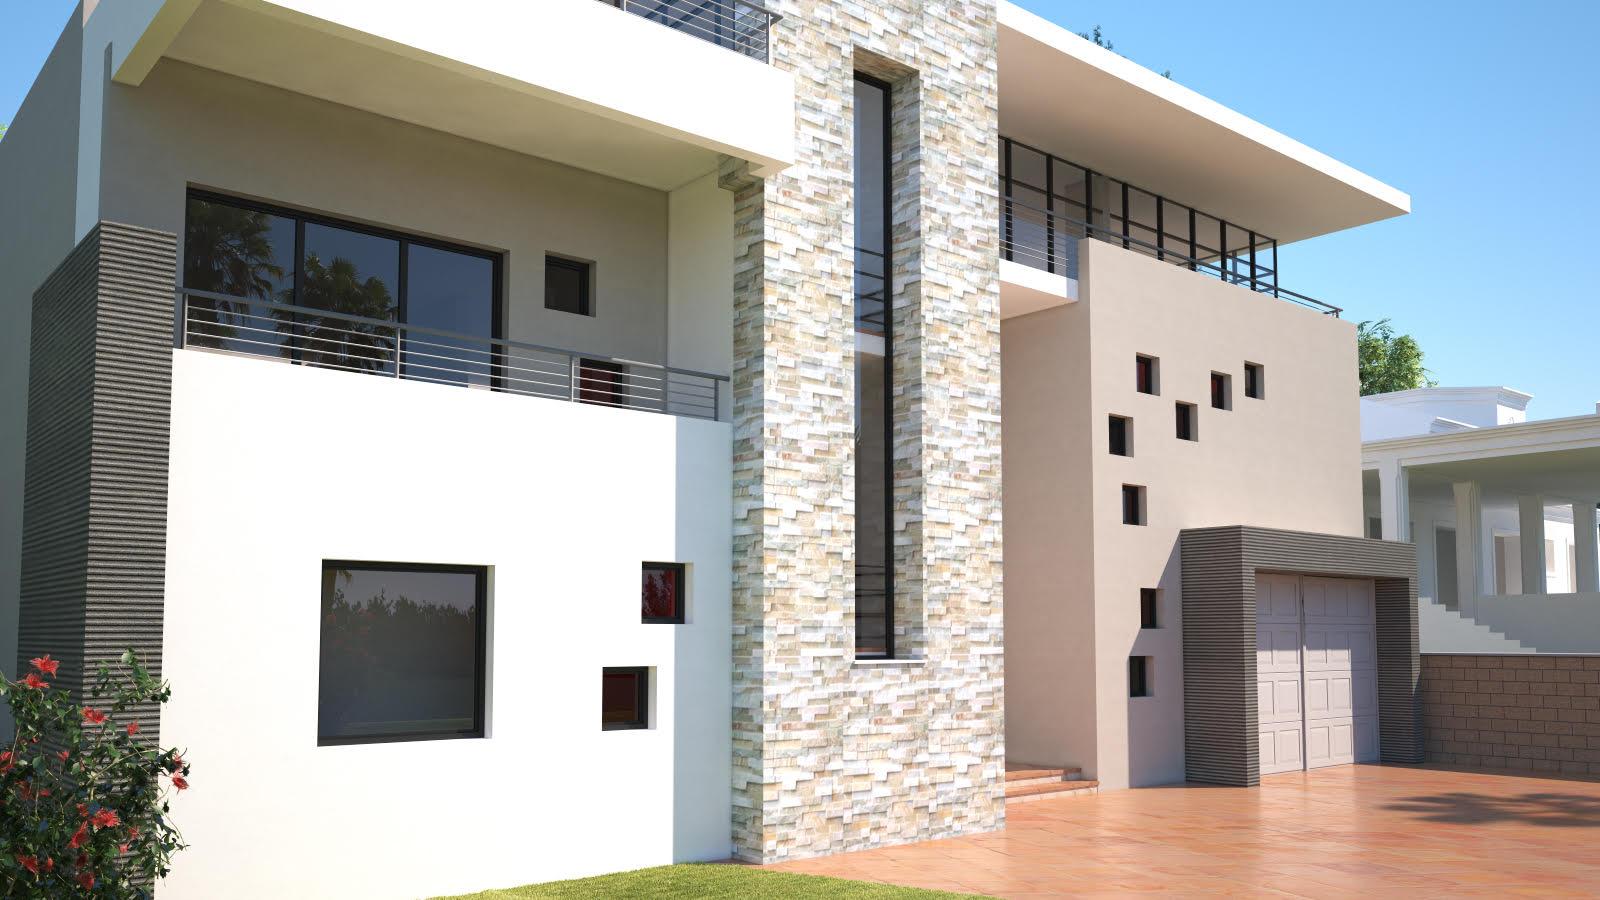 tEFERI MENGIST 2 - Residential Villa 09